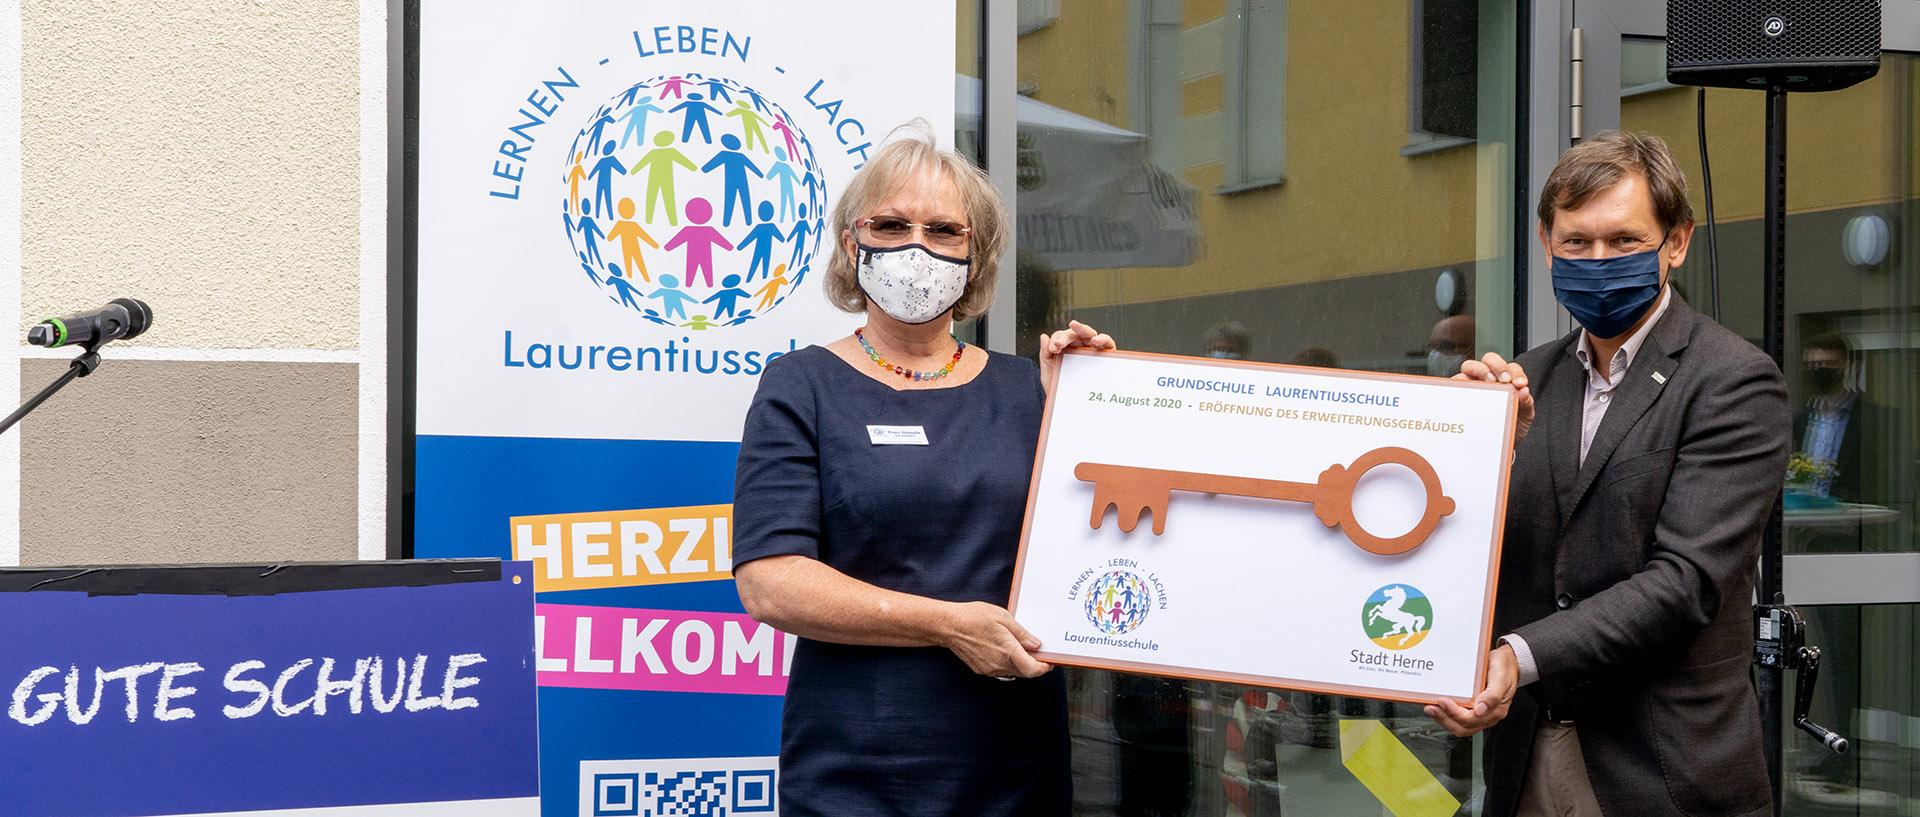 Foto: Schulleiterin Martina Nissalk und Oberbürgermeister Dr. Frank Dudda bei der Schlüsselübergabe. ©Frank Dieper, Stadt Herne